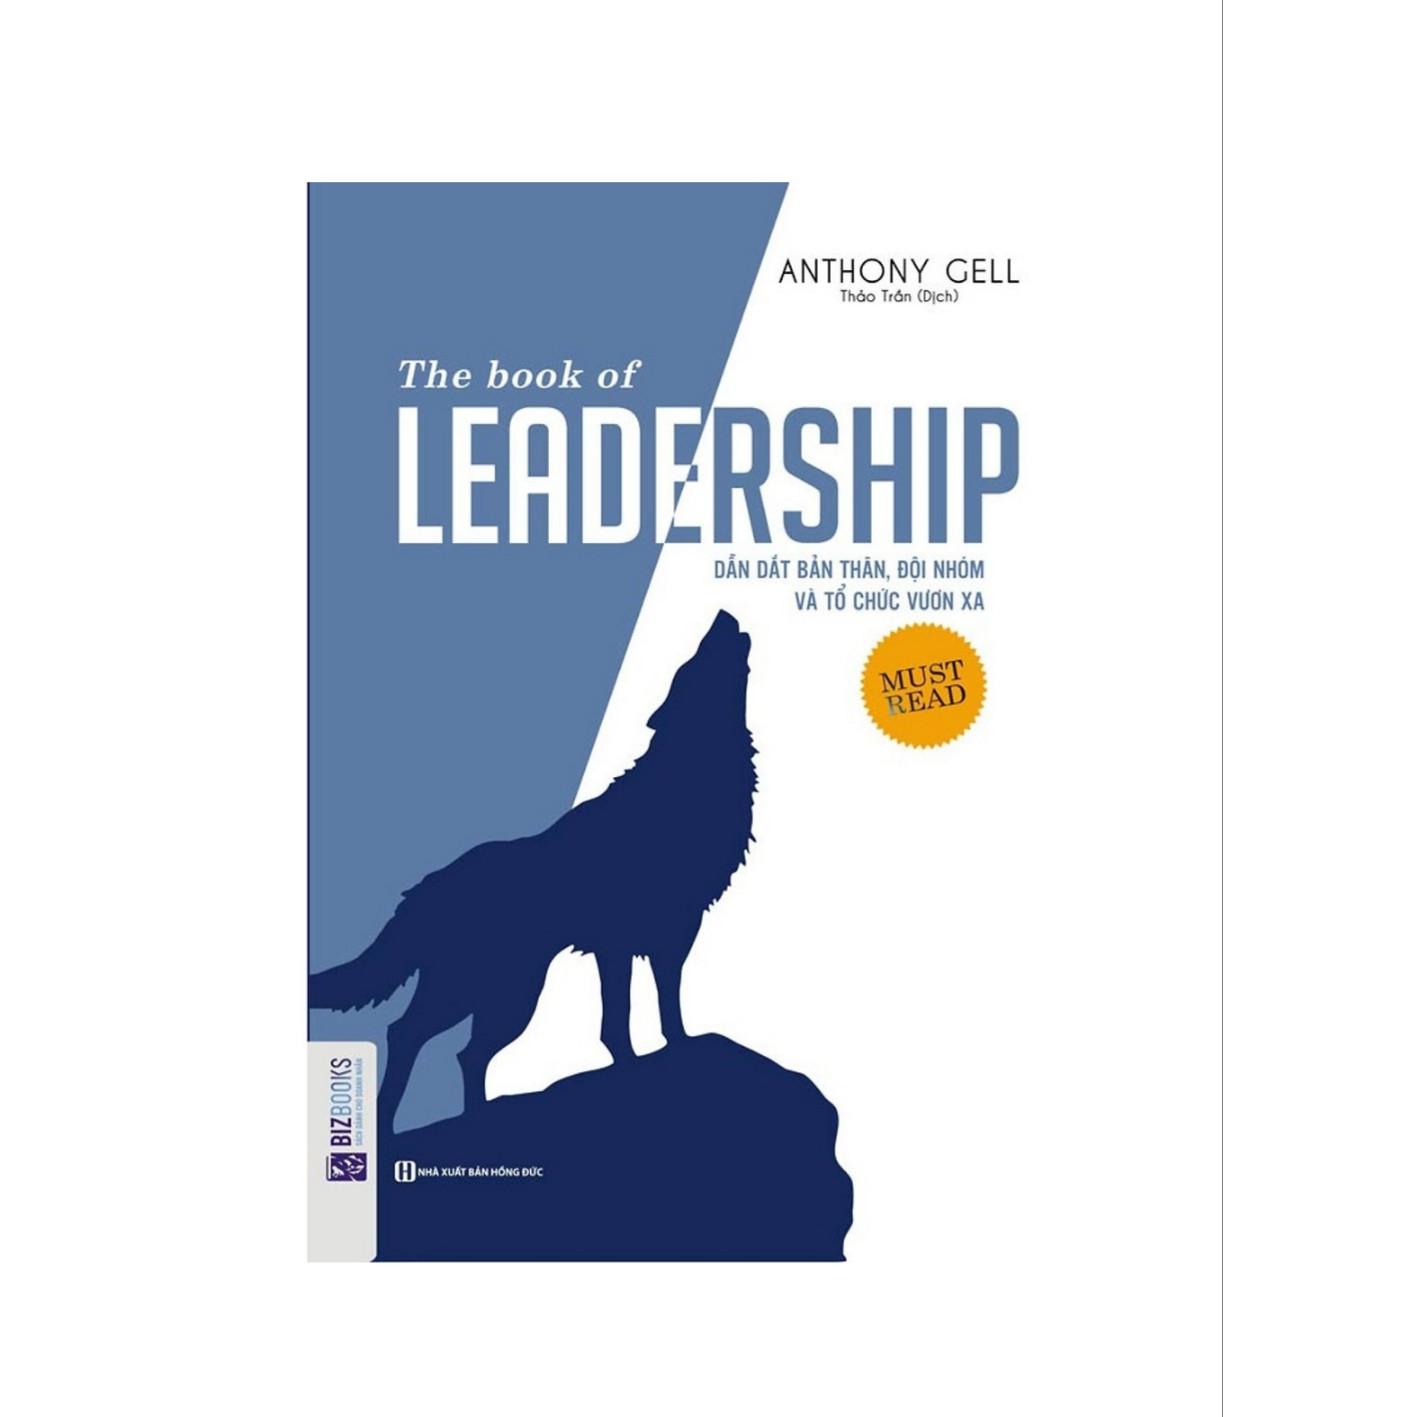 The book of Leadership - Dẫn dắt bản thân- và đội nhóm vươn xa ( tặng bút chì đầu tẩy dễ thương)